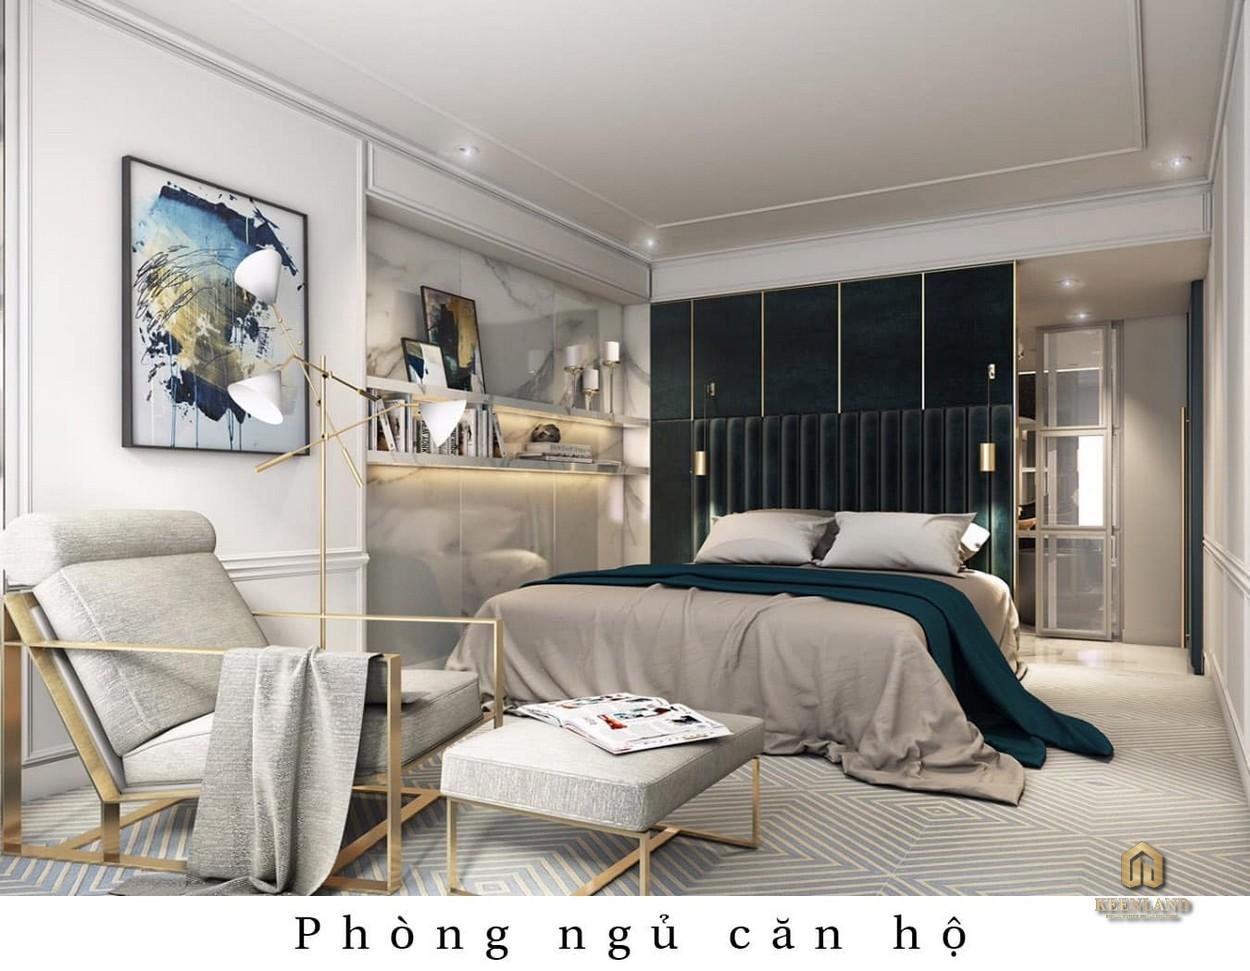 Thiết kế phòng ngủ căn hộ mẫu The Grand Manhattan